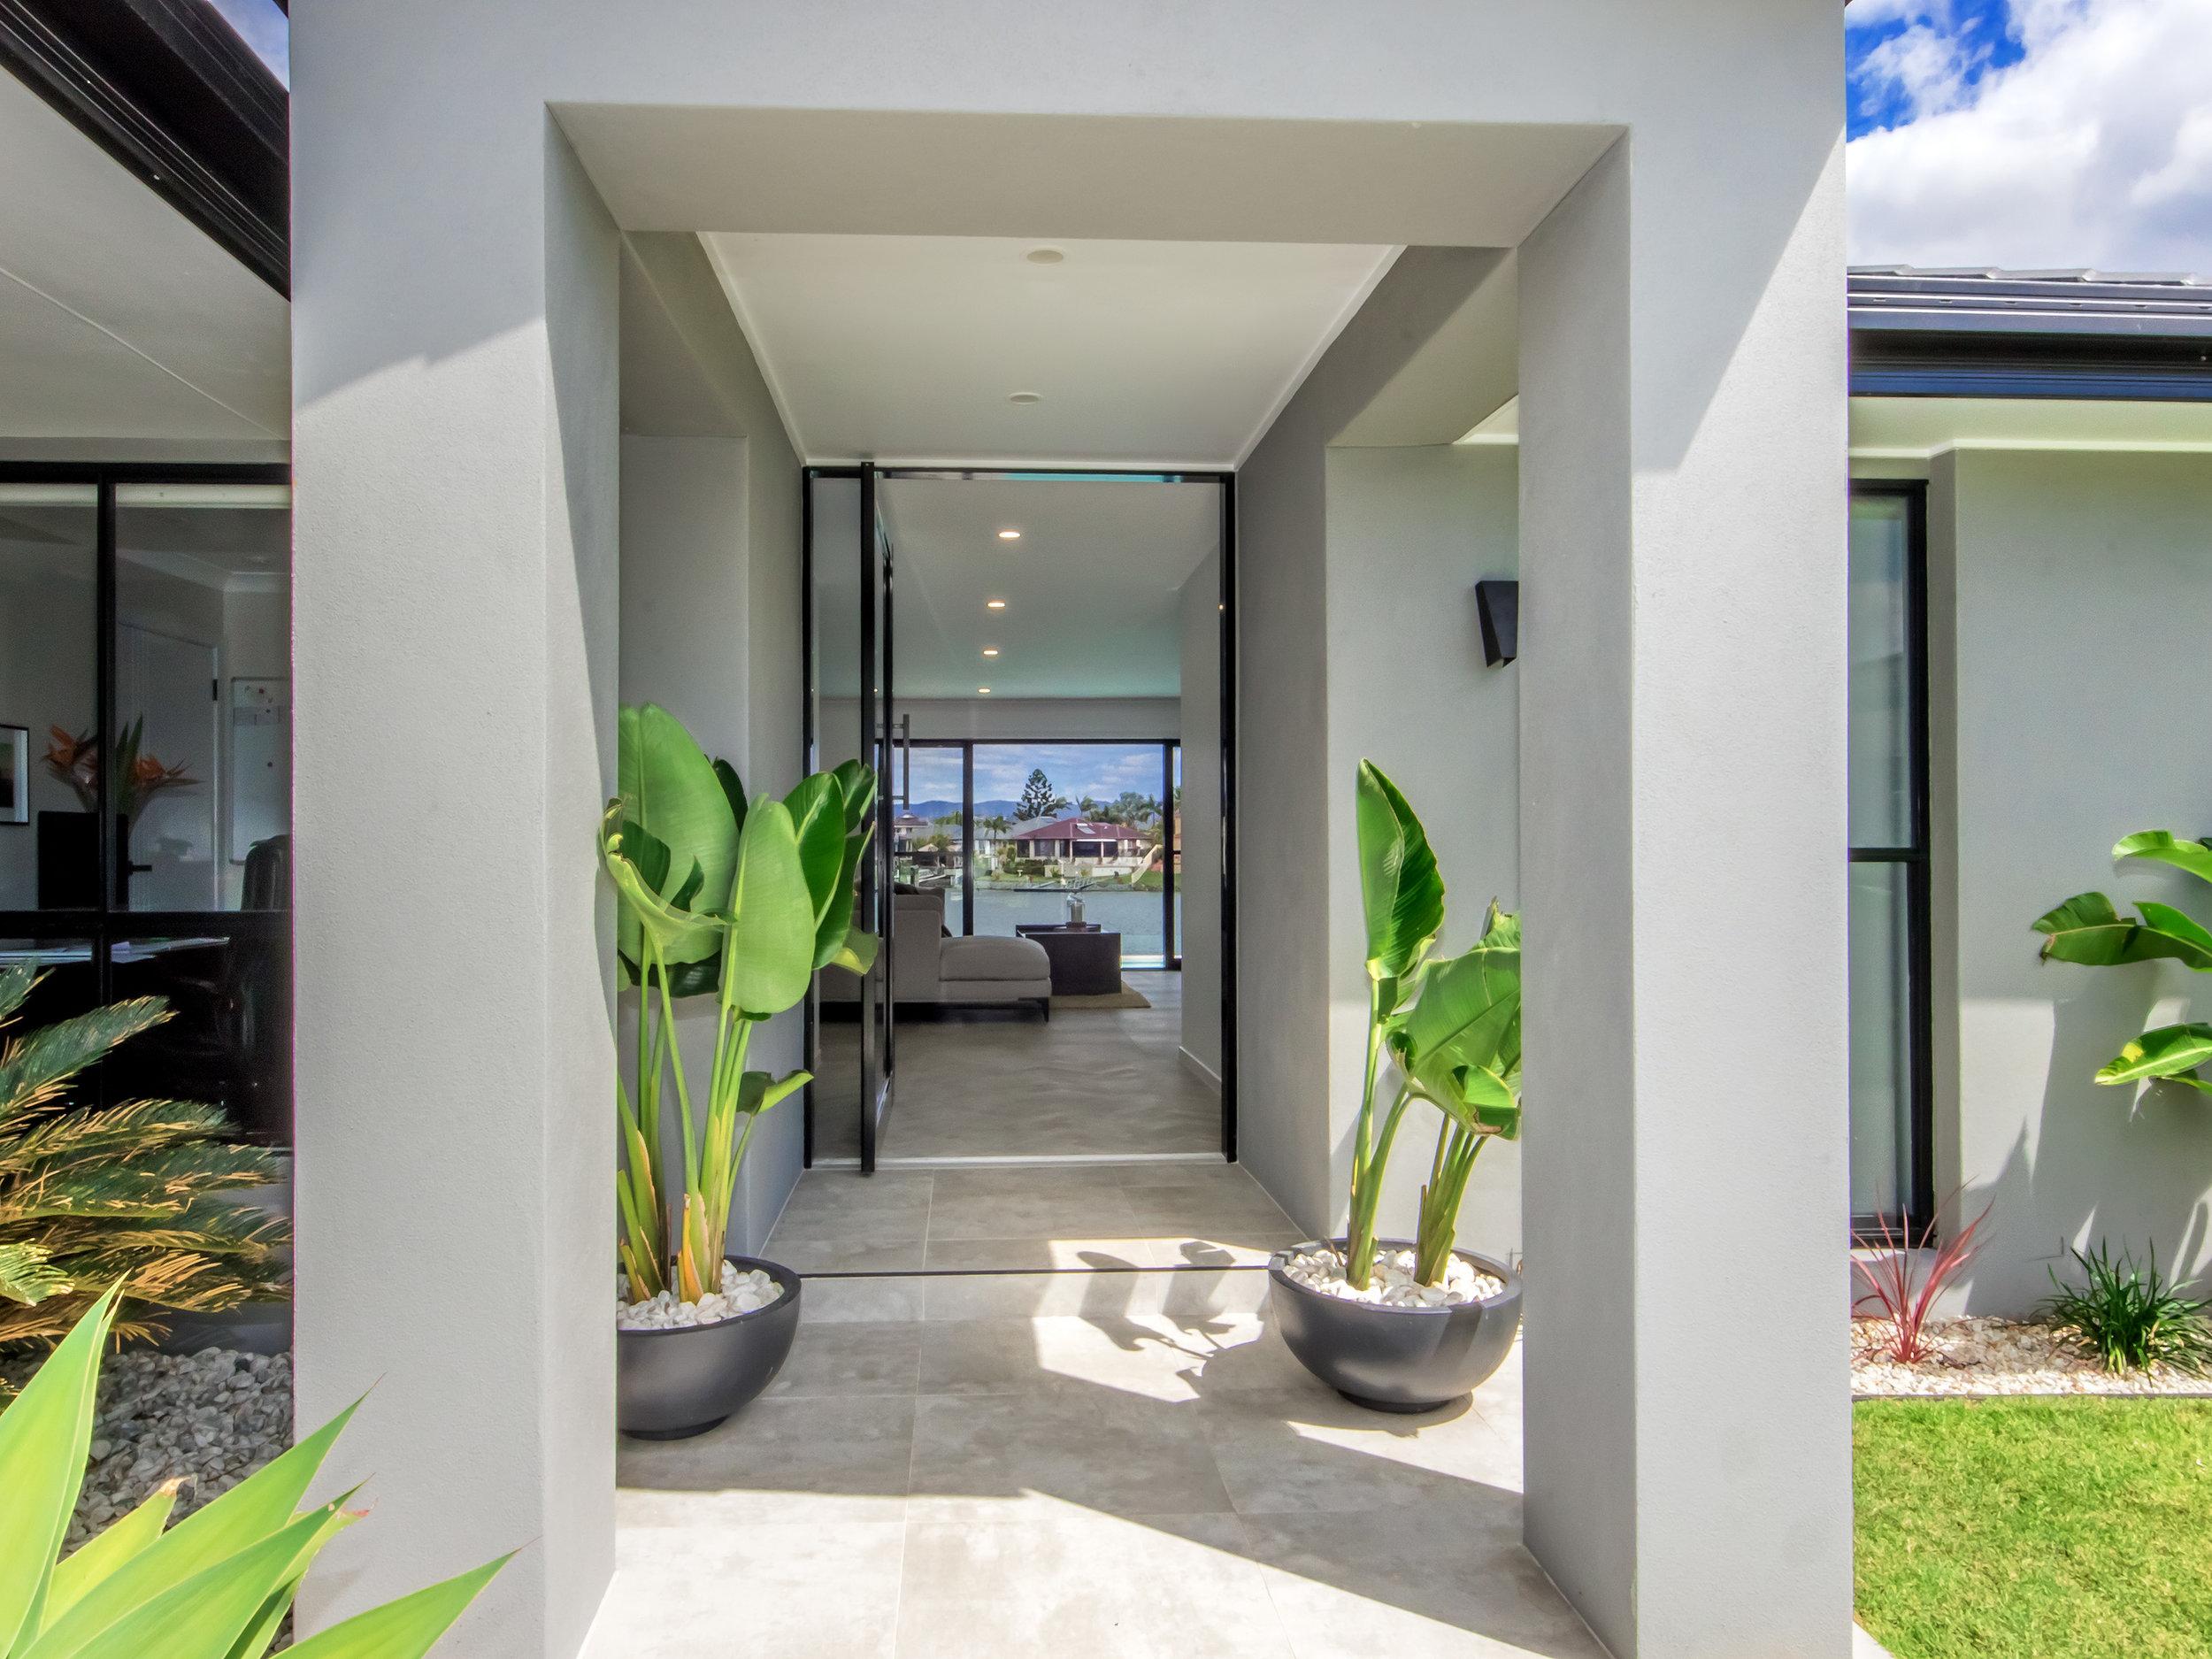 Modern glass custom made pivot door